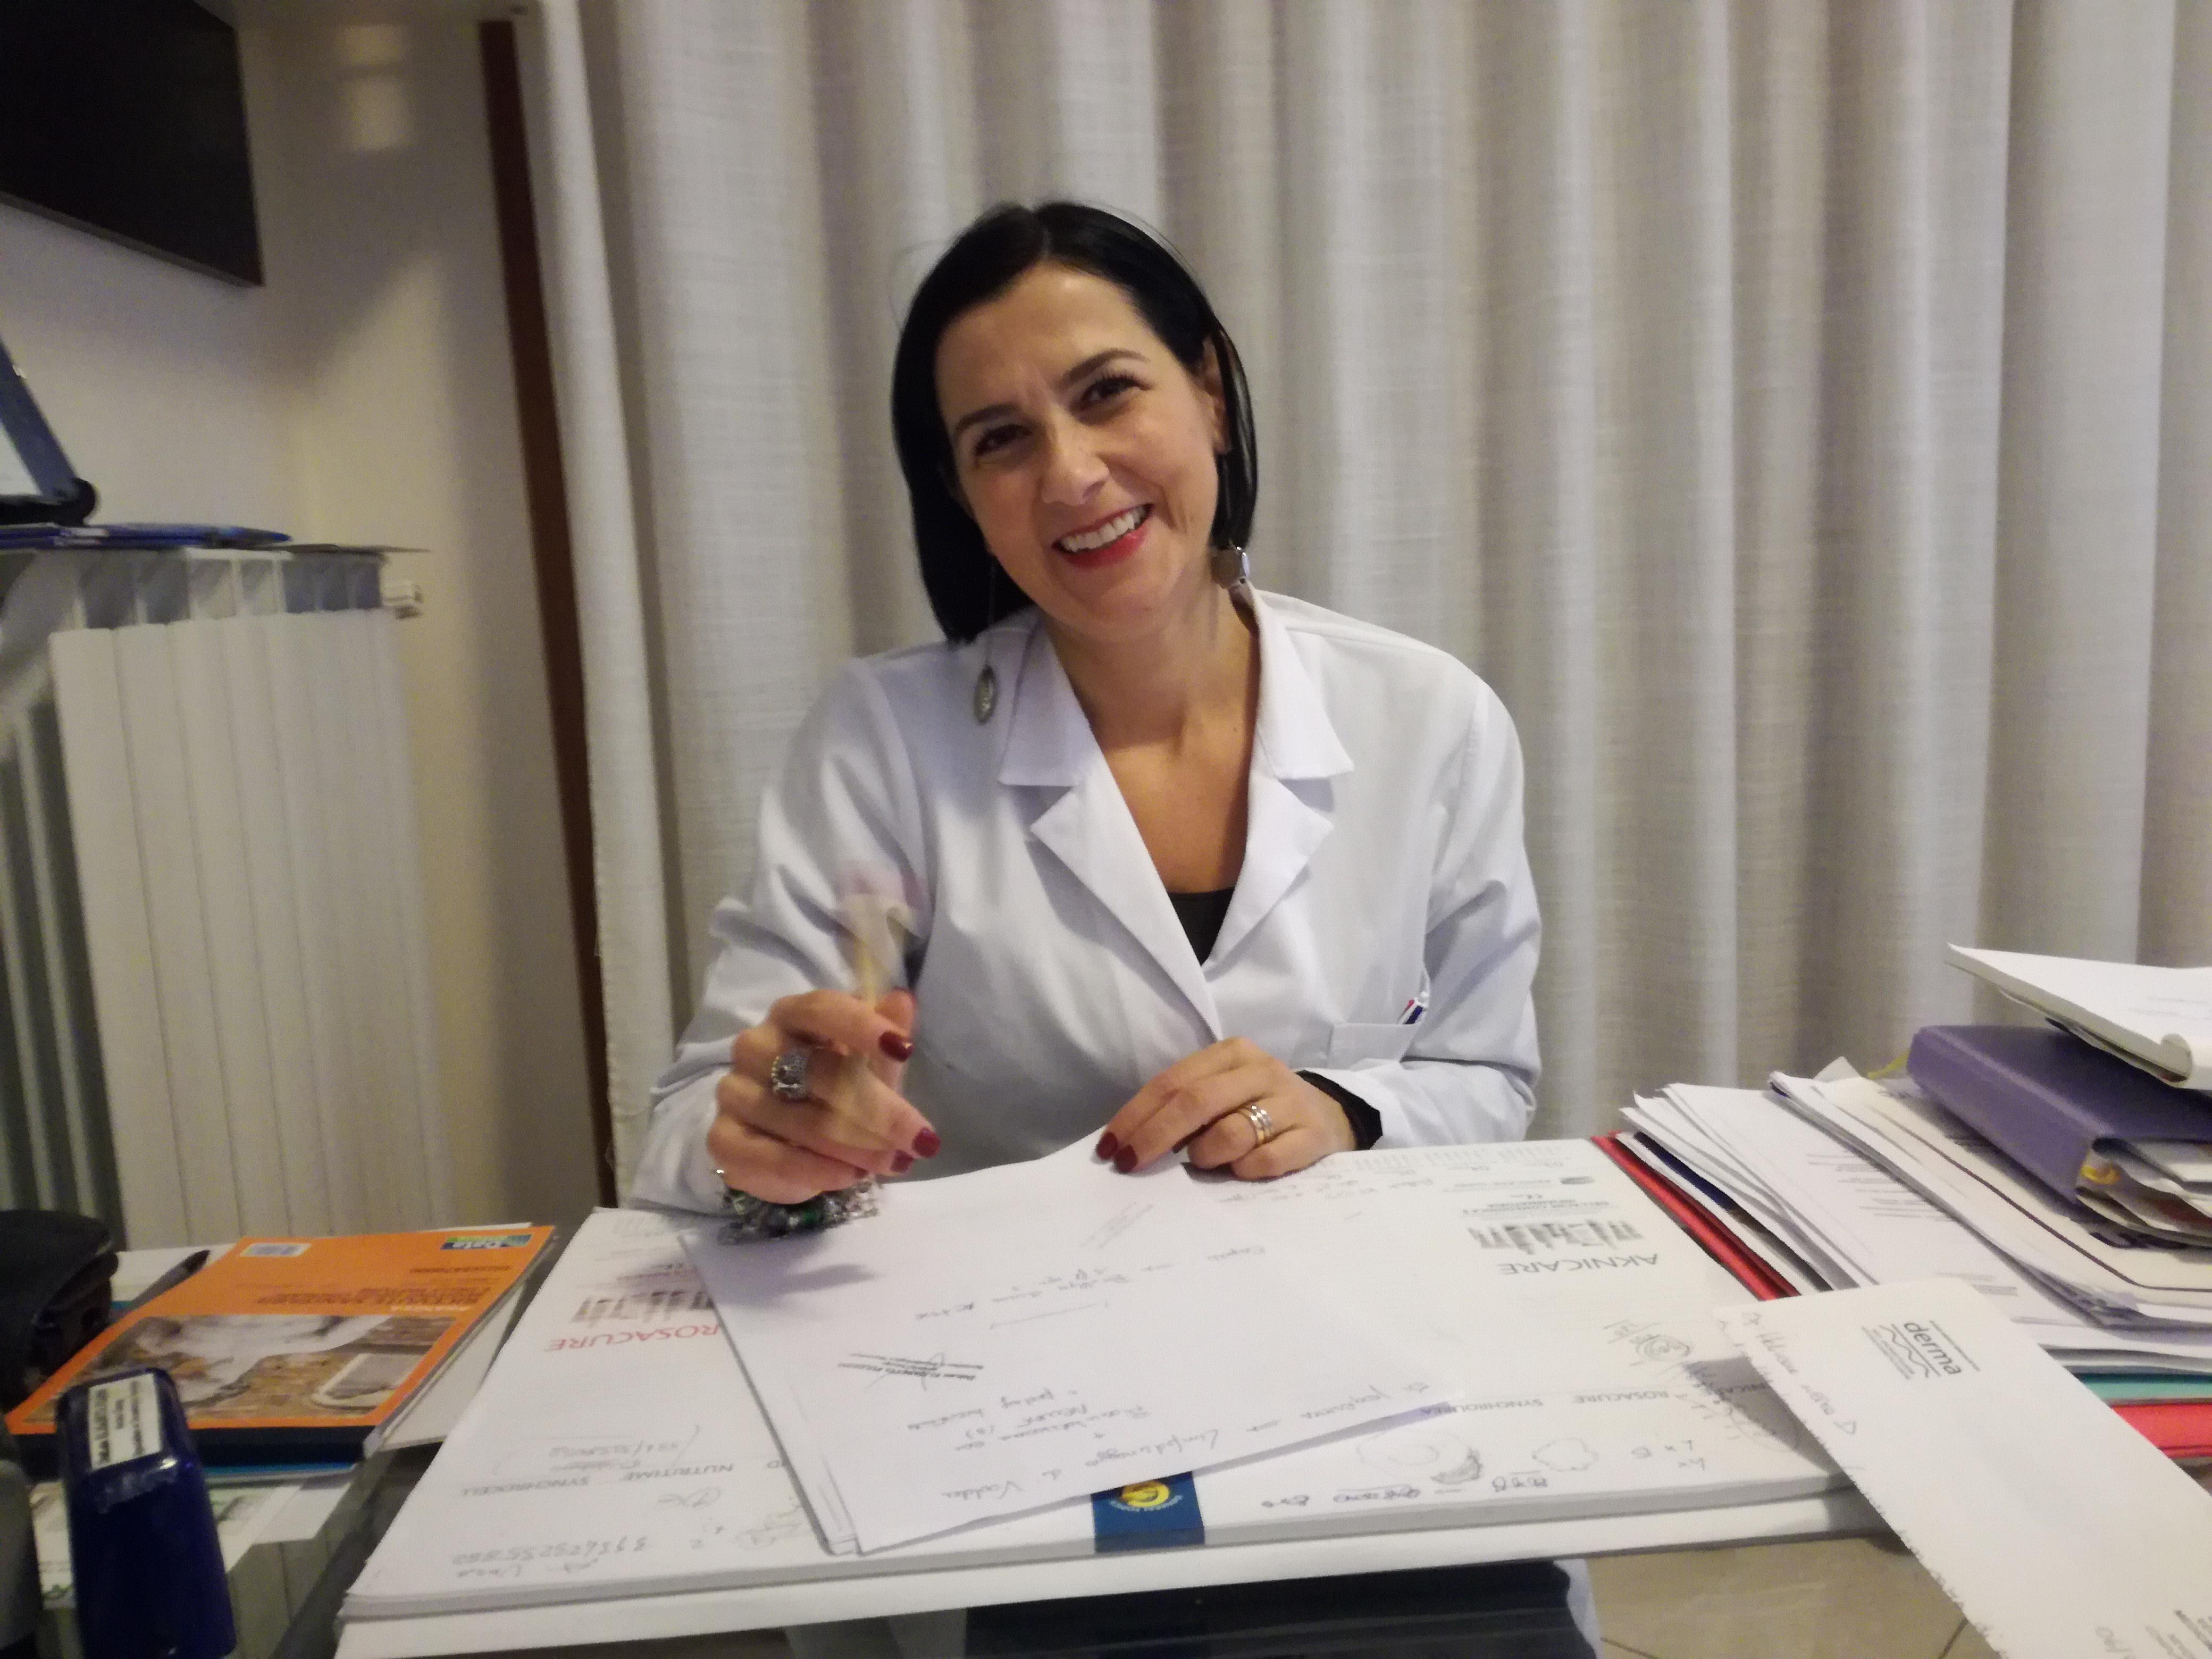 La Dermatologa Ebolitana Elisabetta Fulgione Ritorna Su Rai1 A Buongiorno Benessere Politicademente Il Blog Di Massimo Del Mese